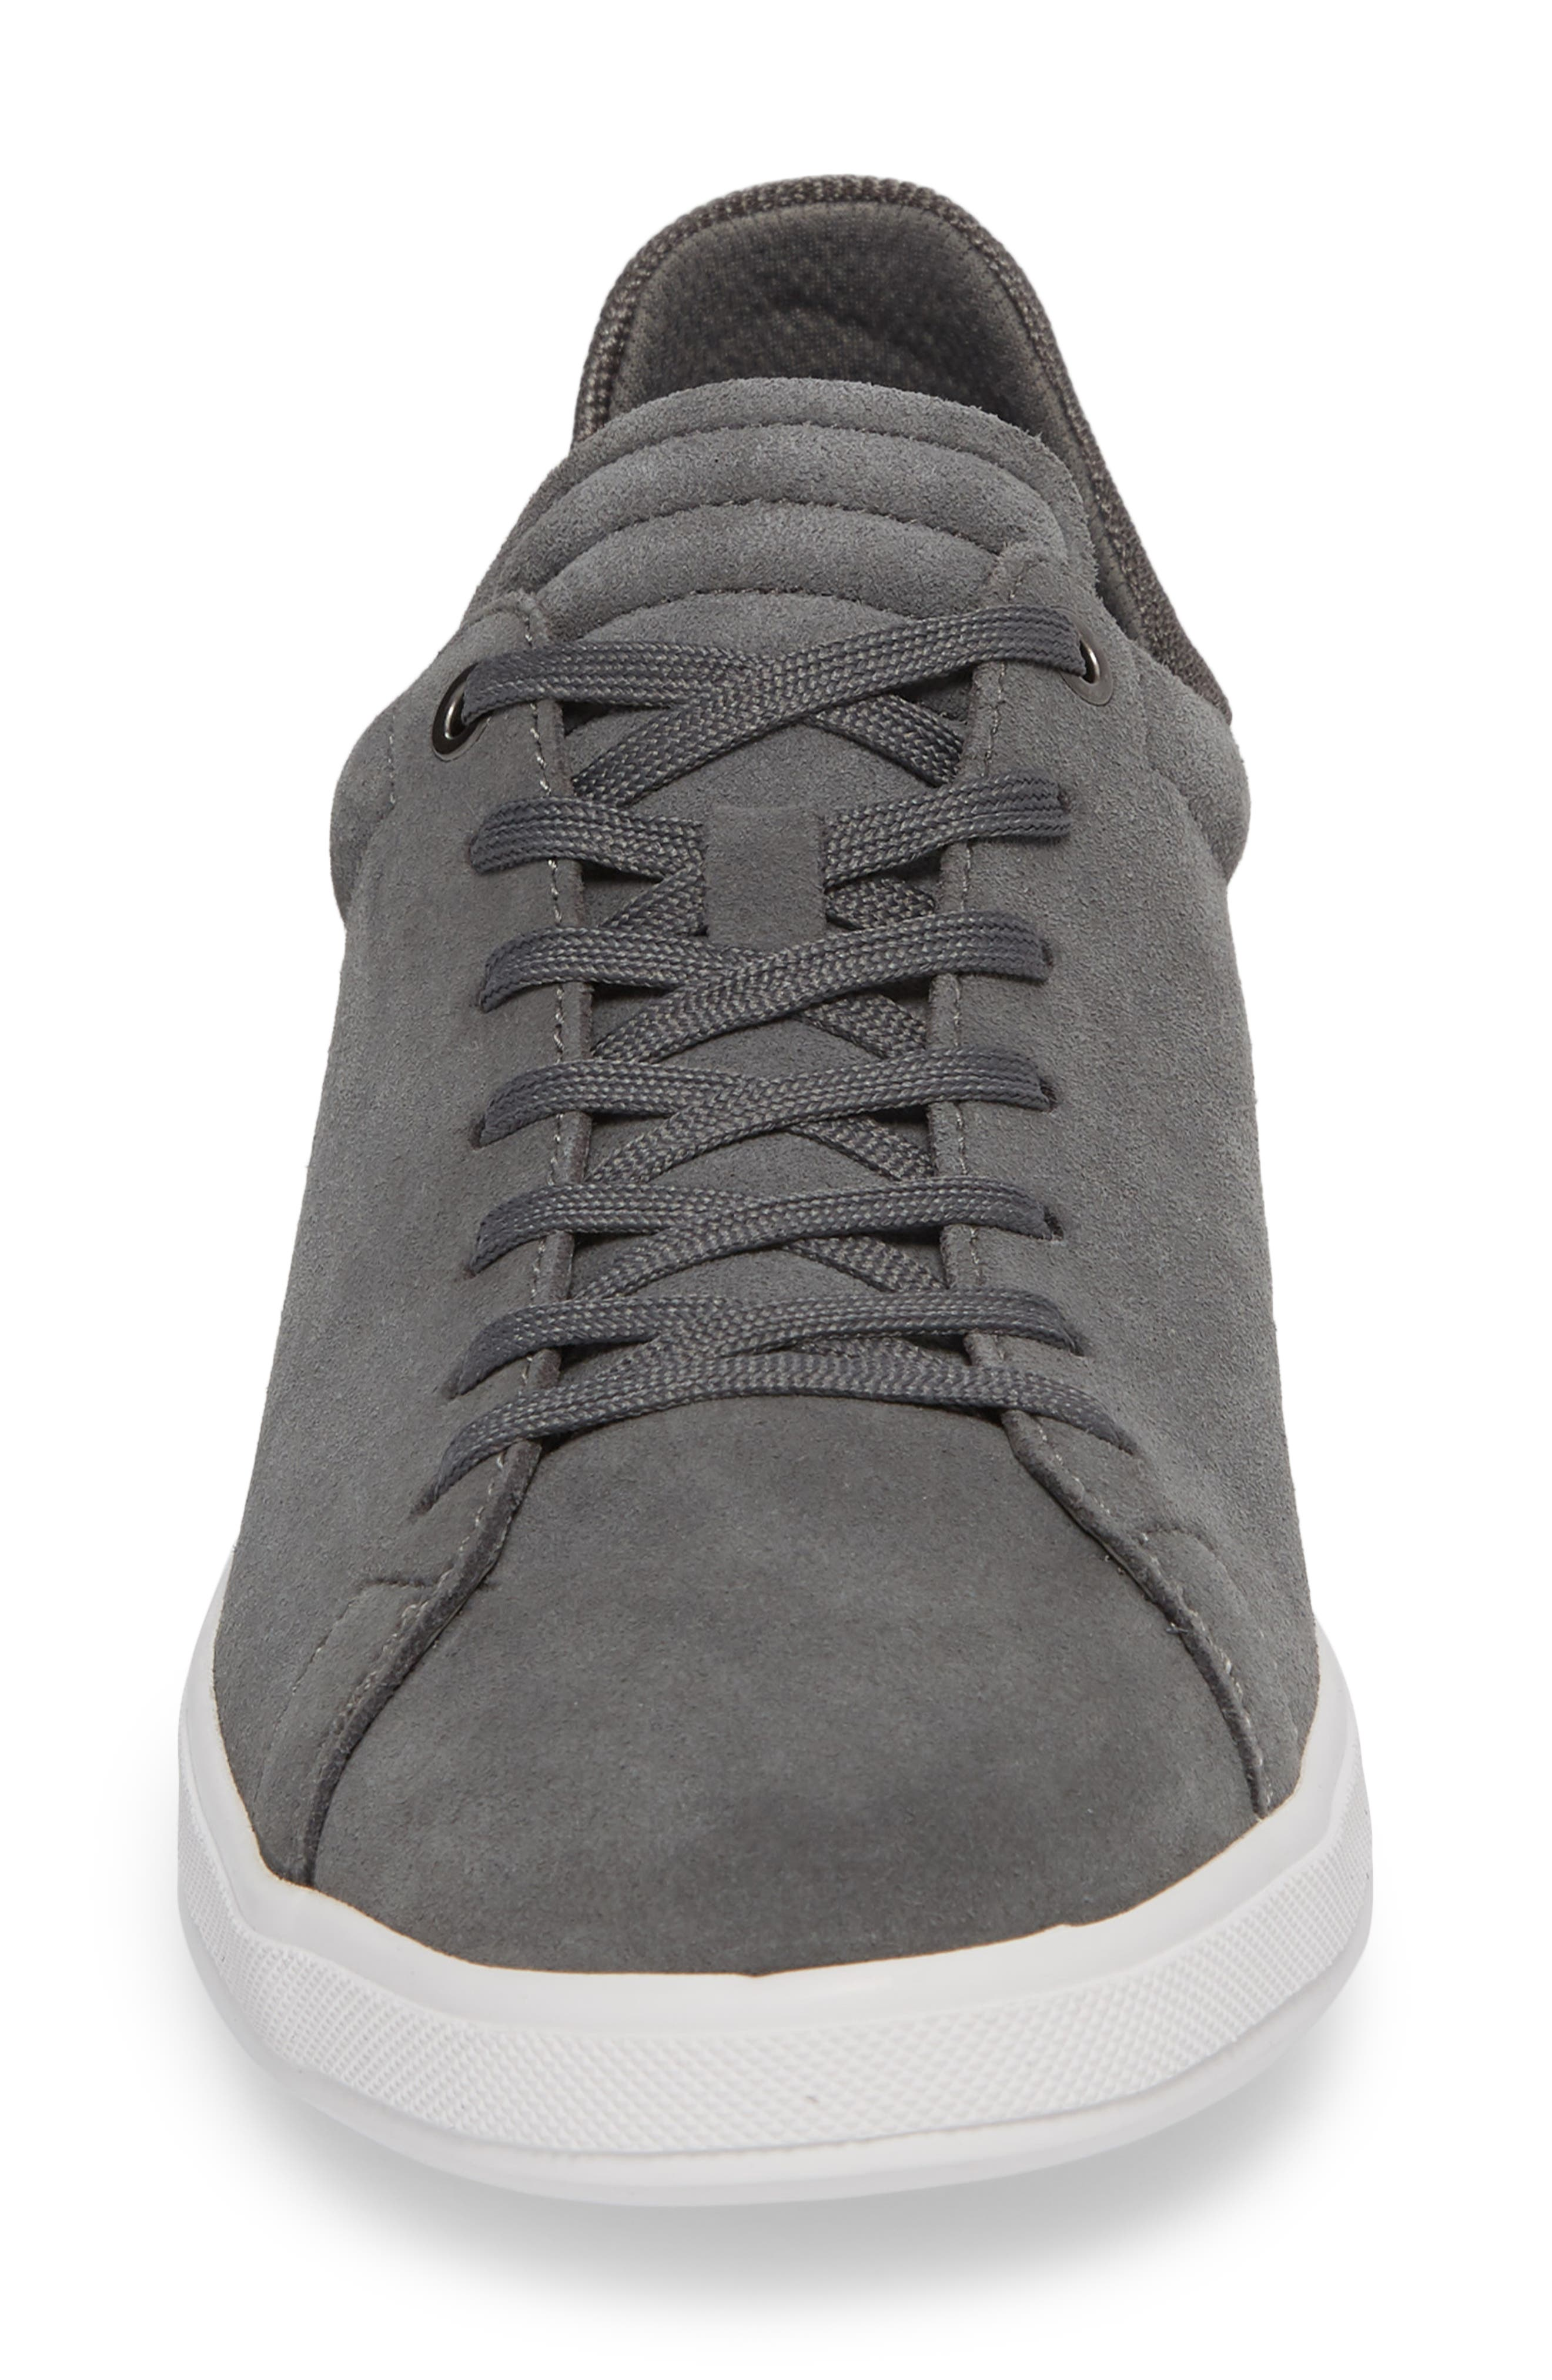 Joe Mama Low Top Sneaker,                             Alternate thumbnail 4, color,                             Grey Suede